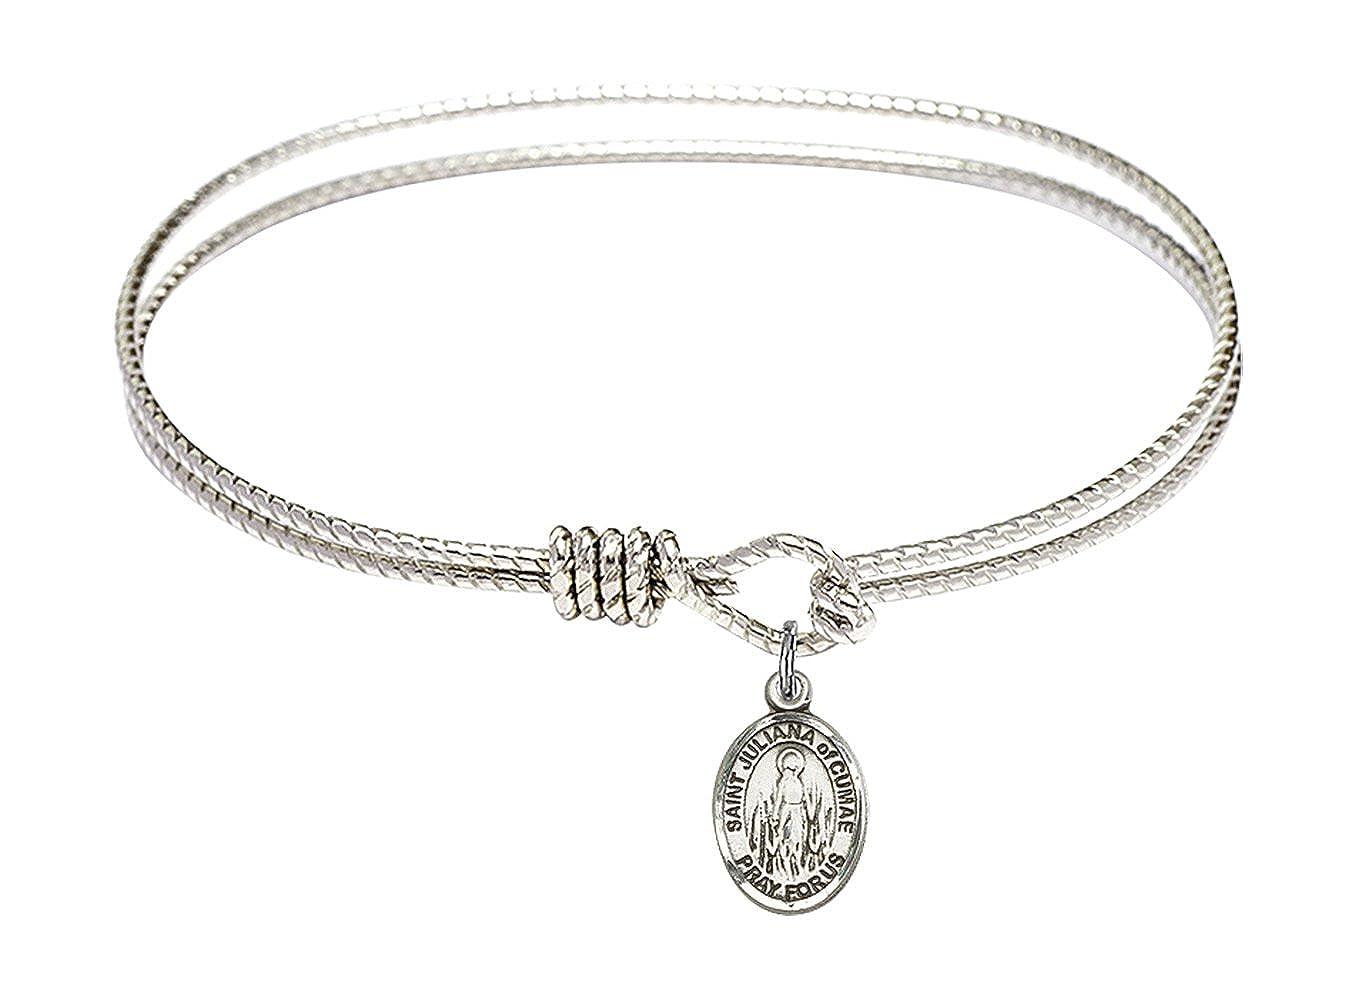 Bonyak Jewelry Oval Eye Hook Bangle Bracelet w//St Juliana of Cumae in Sterling Silver